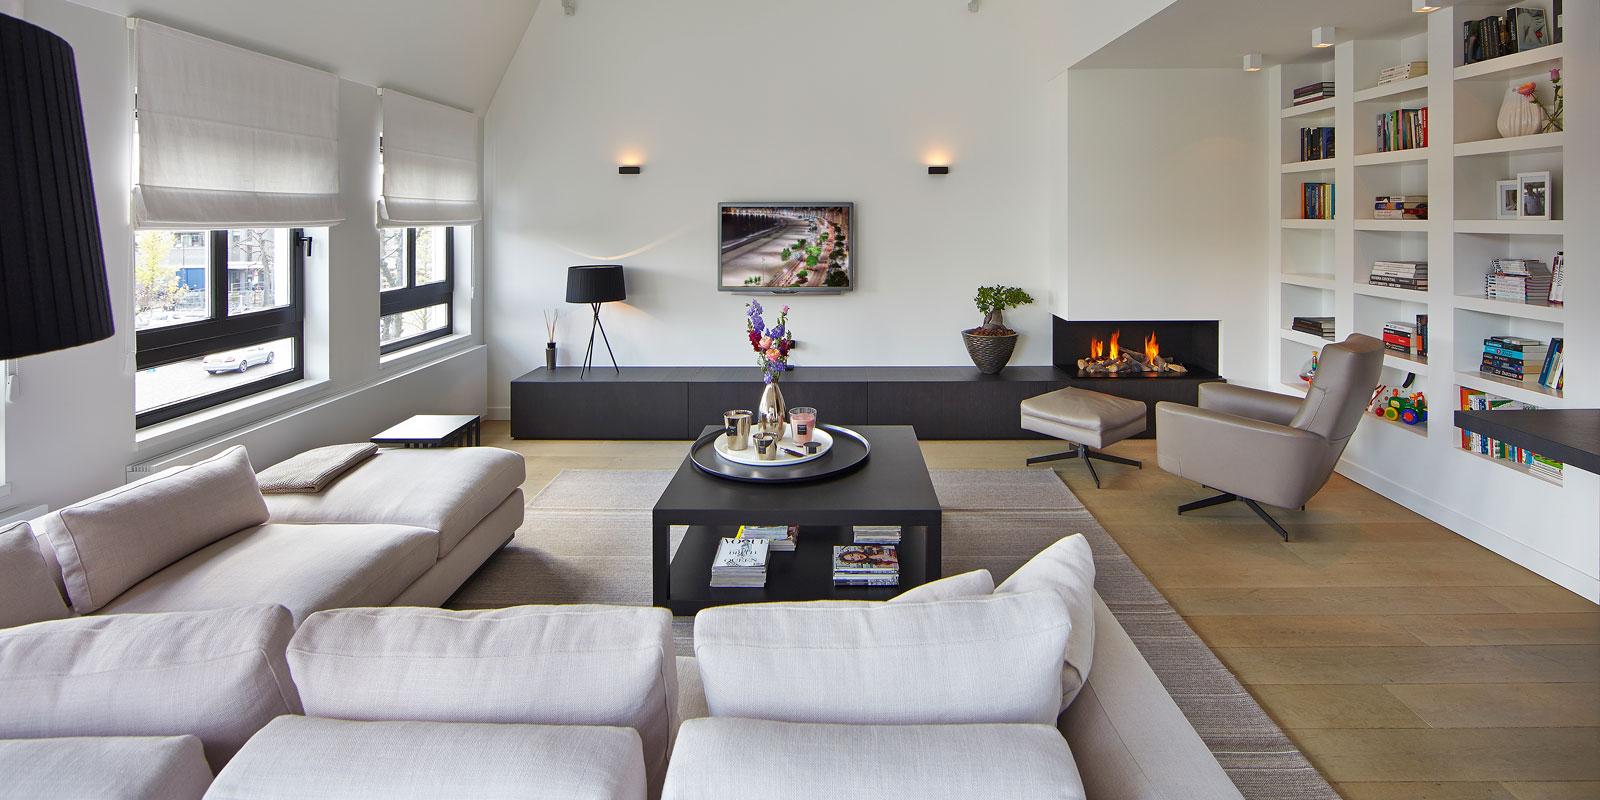 Woonkamer, living, haard, Heerkens Openhaarden en Kachels, houten vloer, Meubiflex, parket, penthouse, Marco Daverveld